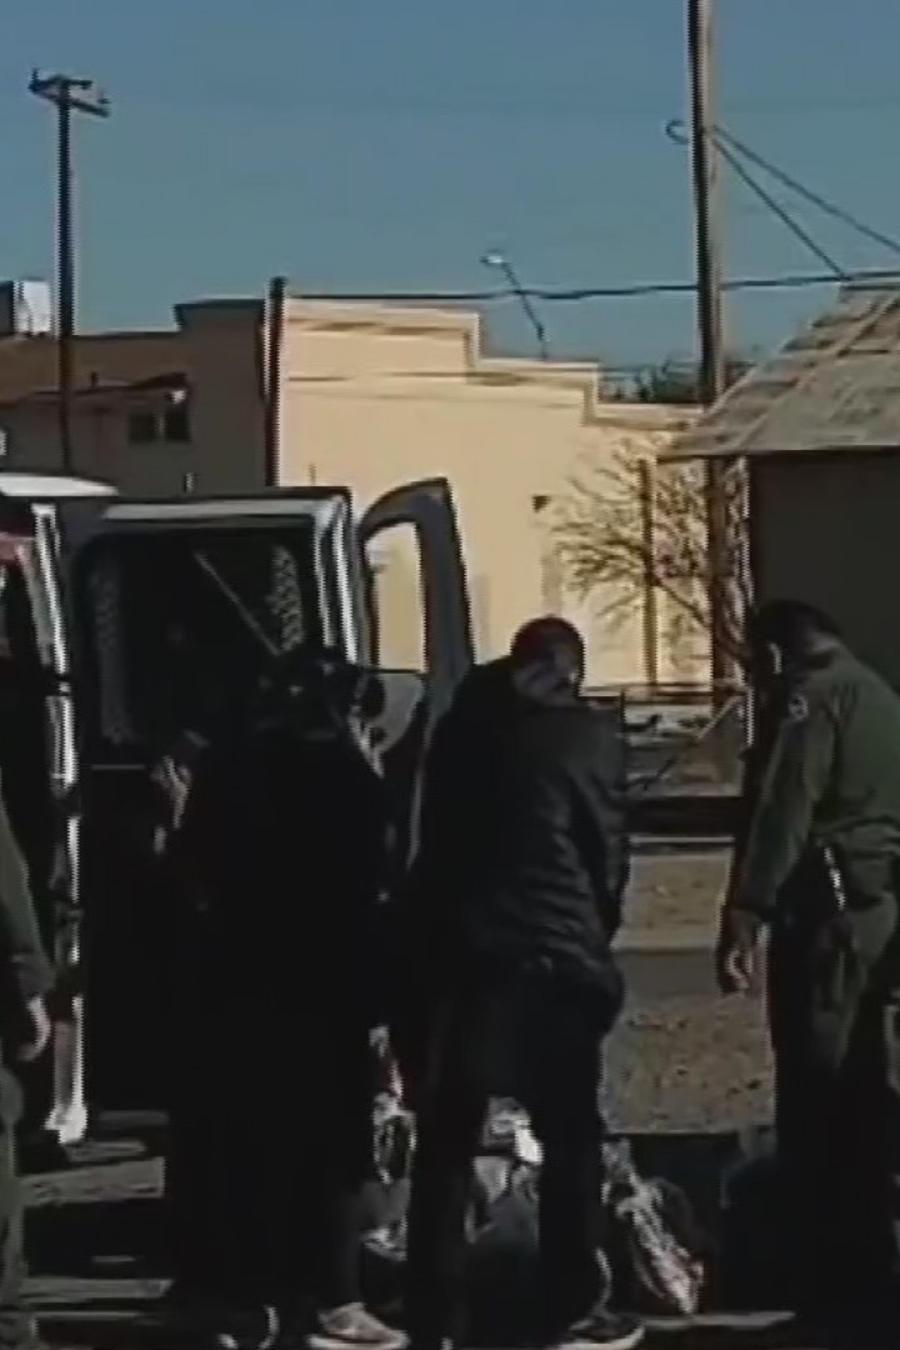 Captan a más de 100 inmigrantes escapando de un camión